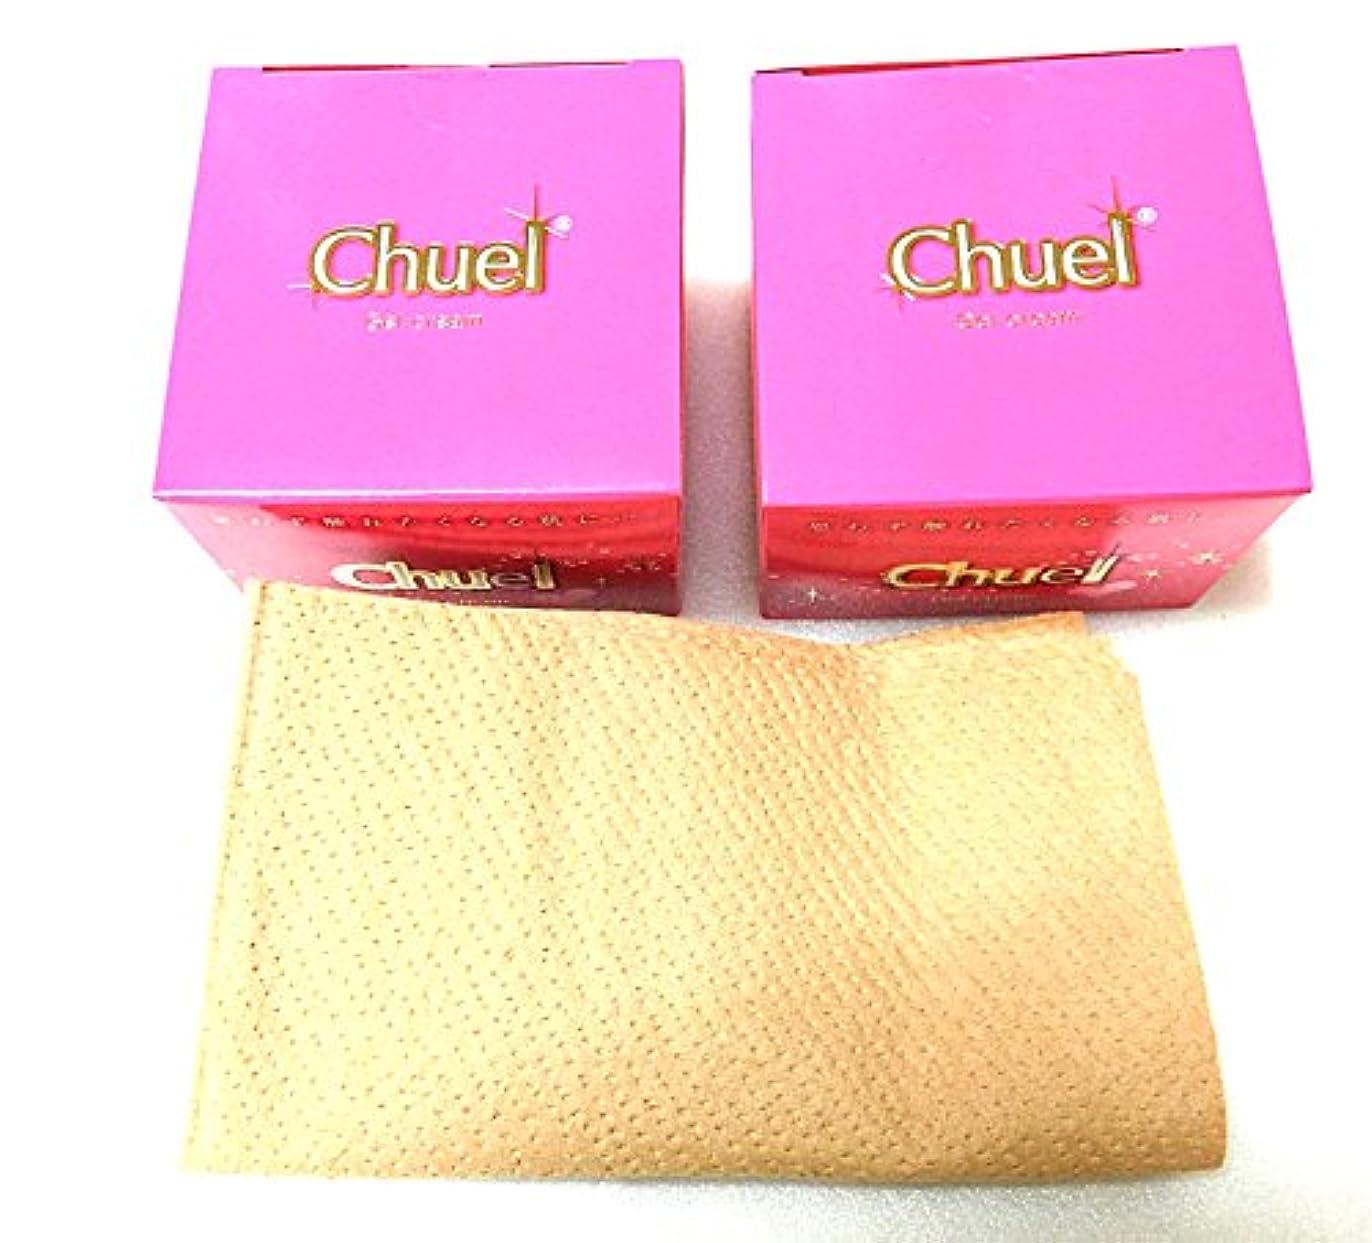 からに変化するいたずらな刺しますNEW Chuel(チュエル) 増量 180g 2個セット 使い捨て紙ウエス1枚付属